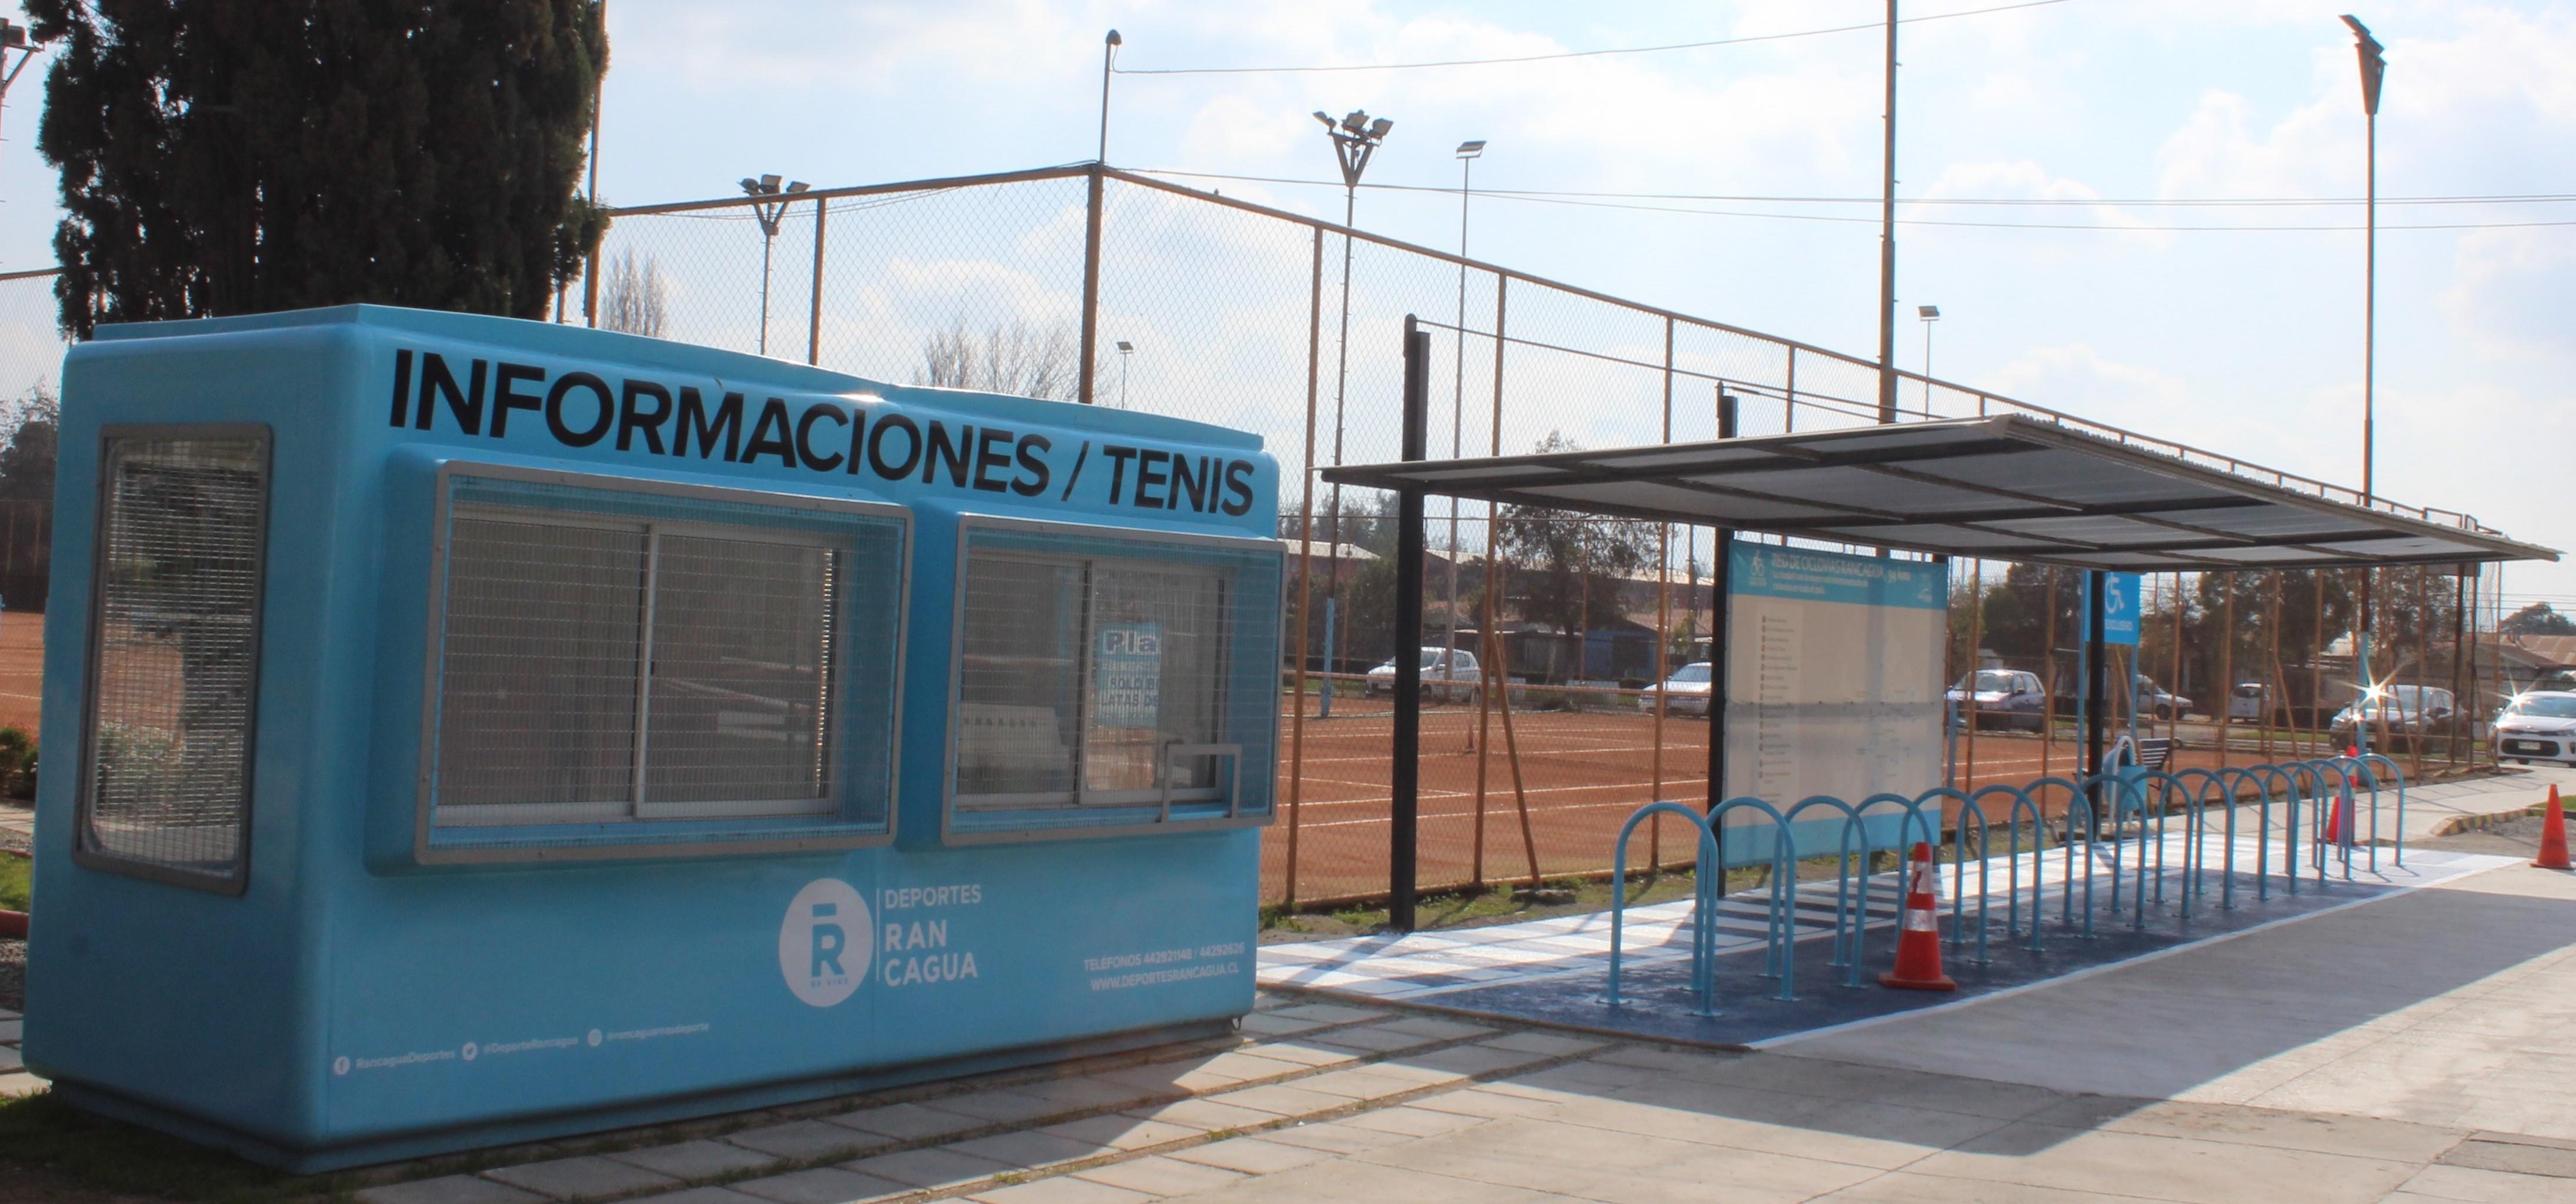 Recintos deportivos municipales de Rancagua se renuevan en tiempo de pandemia